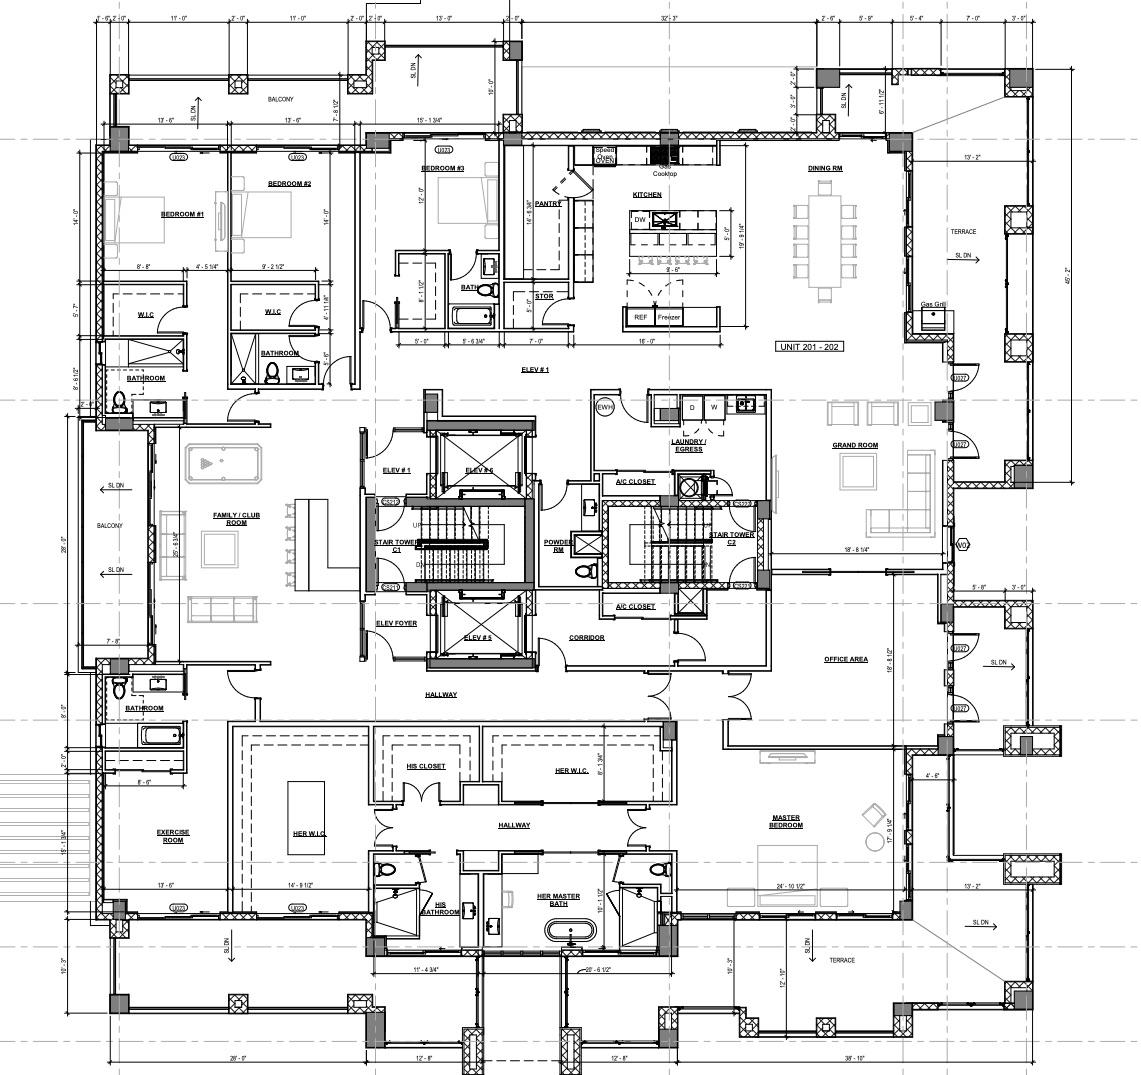 201-202 Floor plan